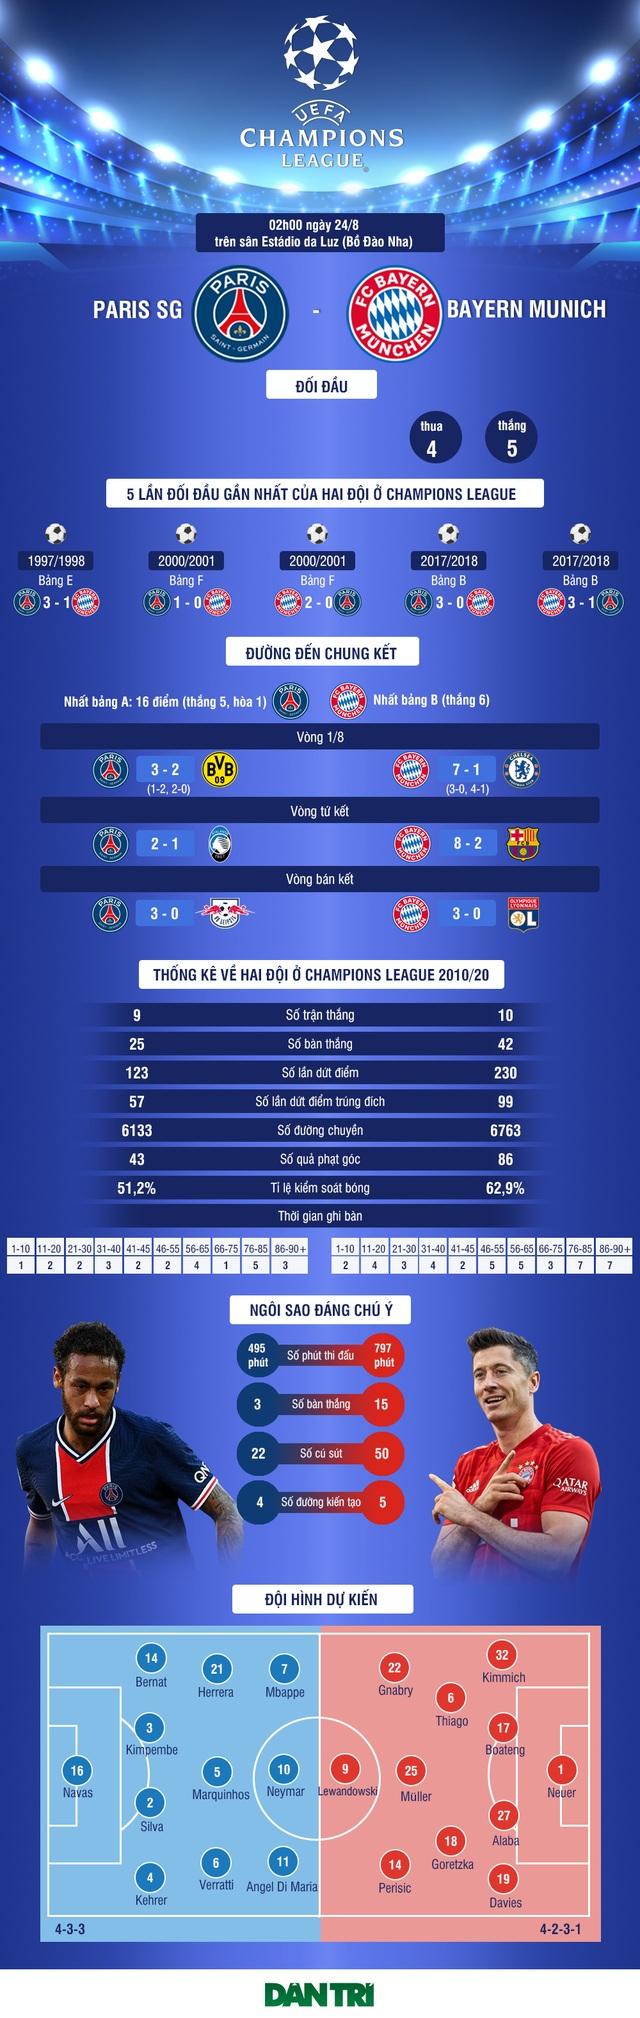 Chung kết Champions League: Trận chiến của những mặt đối lập - 6